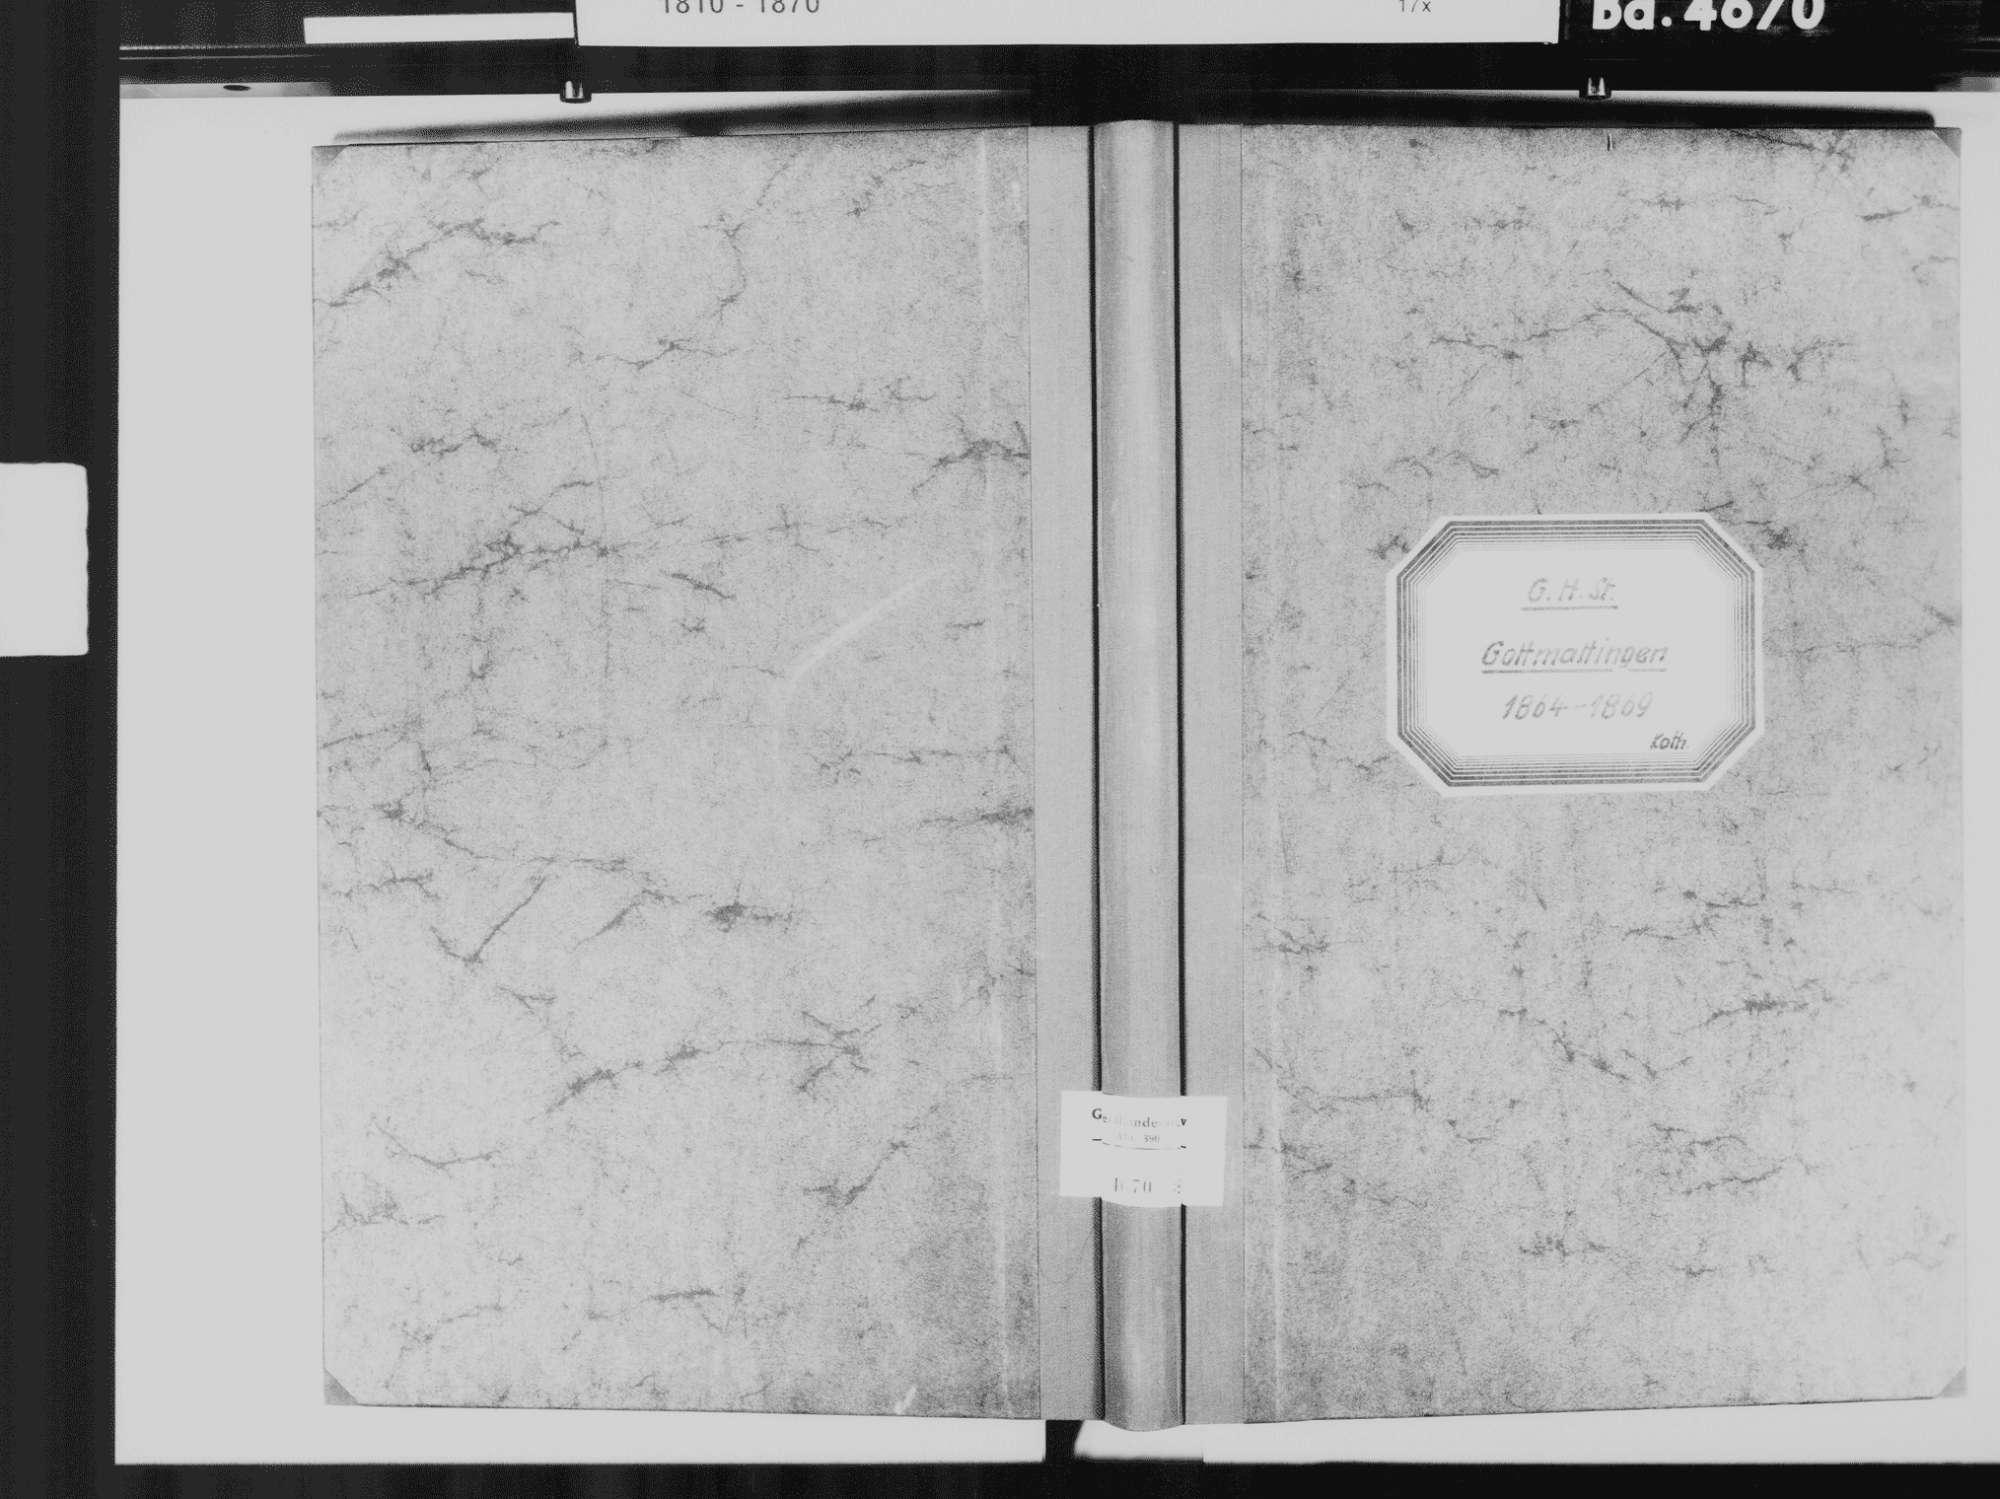 Gottmadingen KN; Katholische Gemeinde: Standesbuch 1864-1869, Bild 2